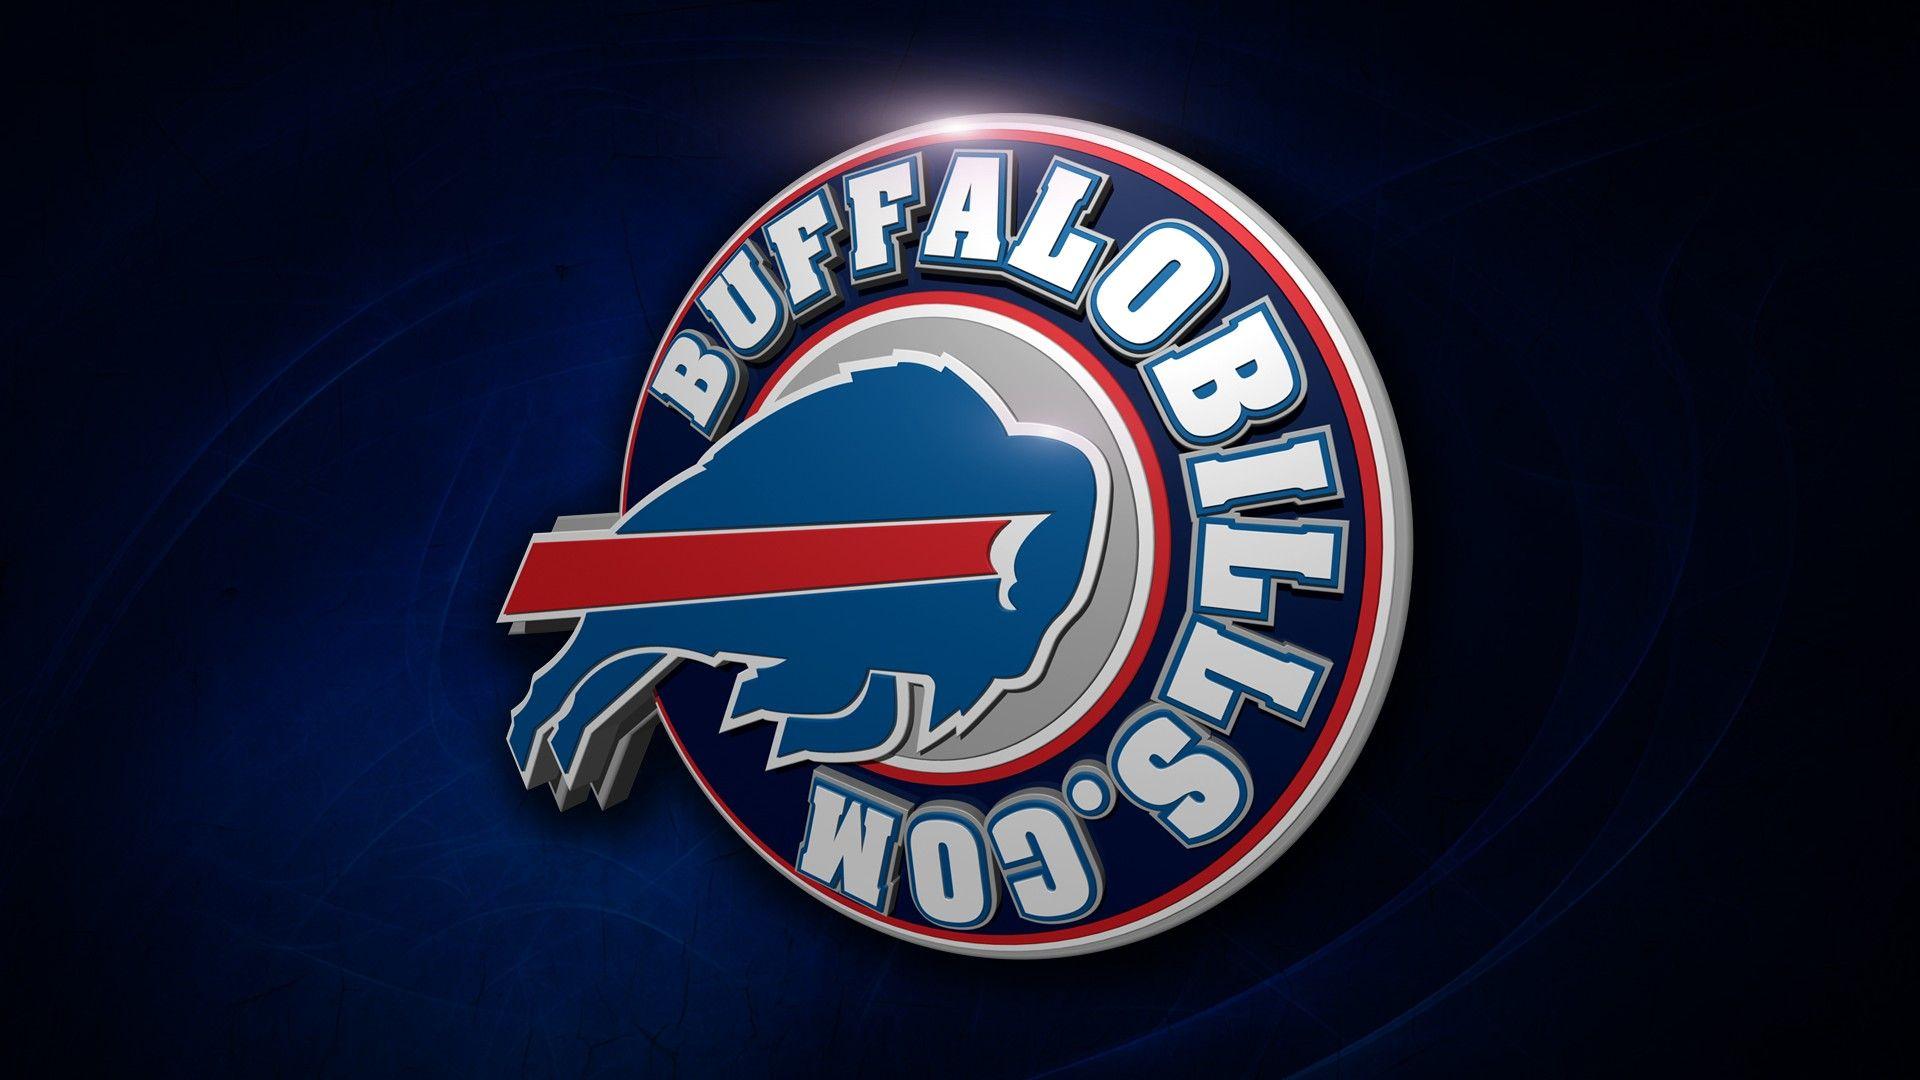 Buffalo Bills HD Wallpapers Wallpapers Buffalo bills logo 1920x1080